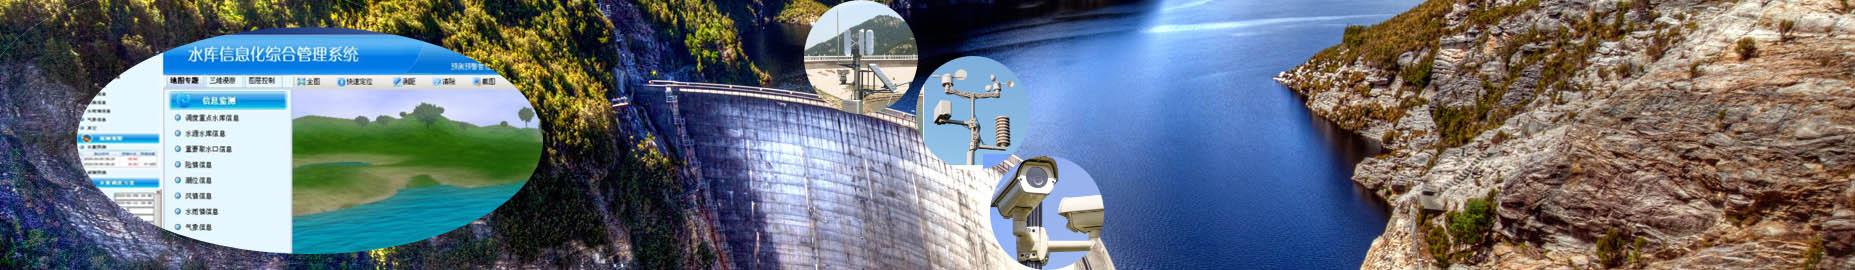 水庫信息化綜合管理系統